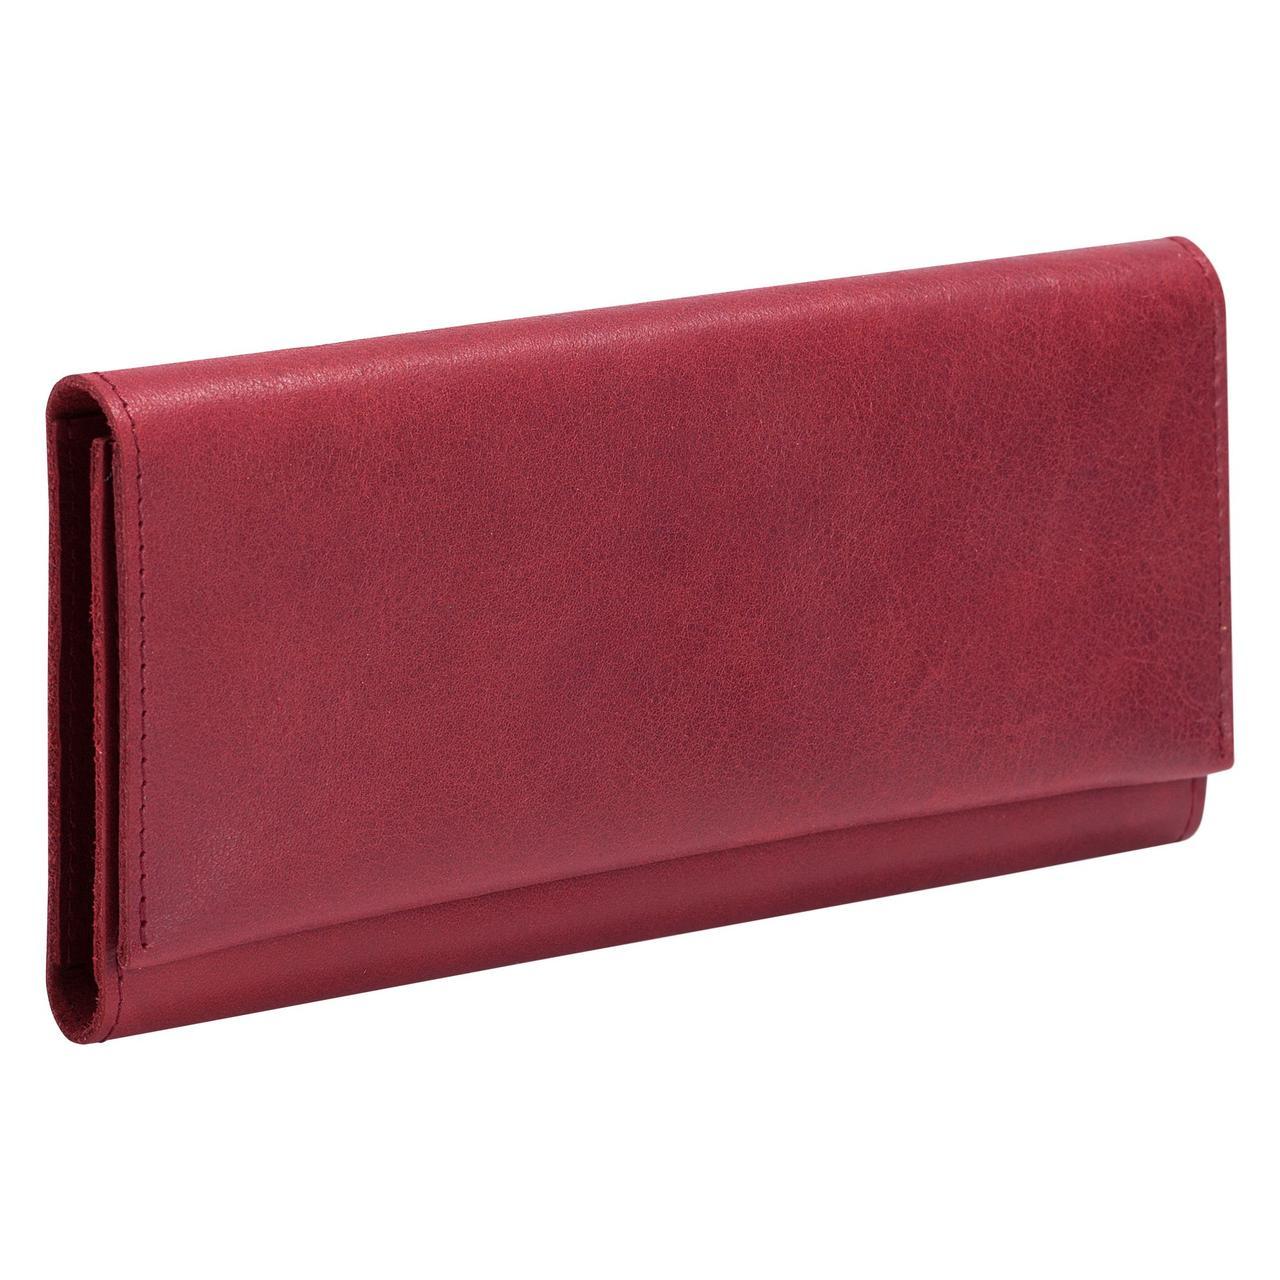 Кошелек Letizia, бордовый